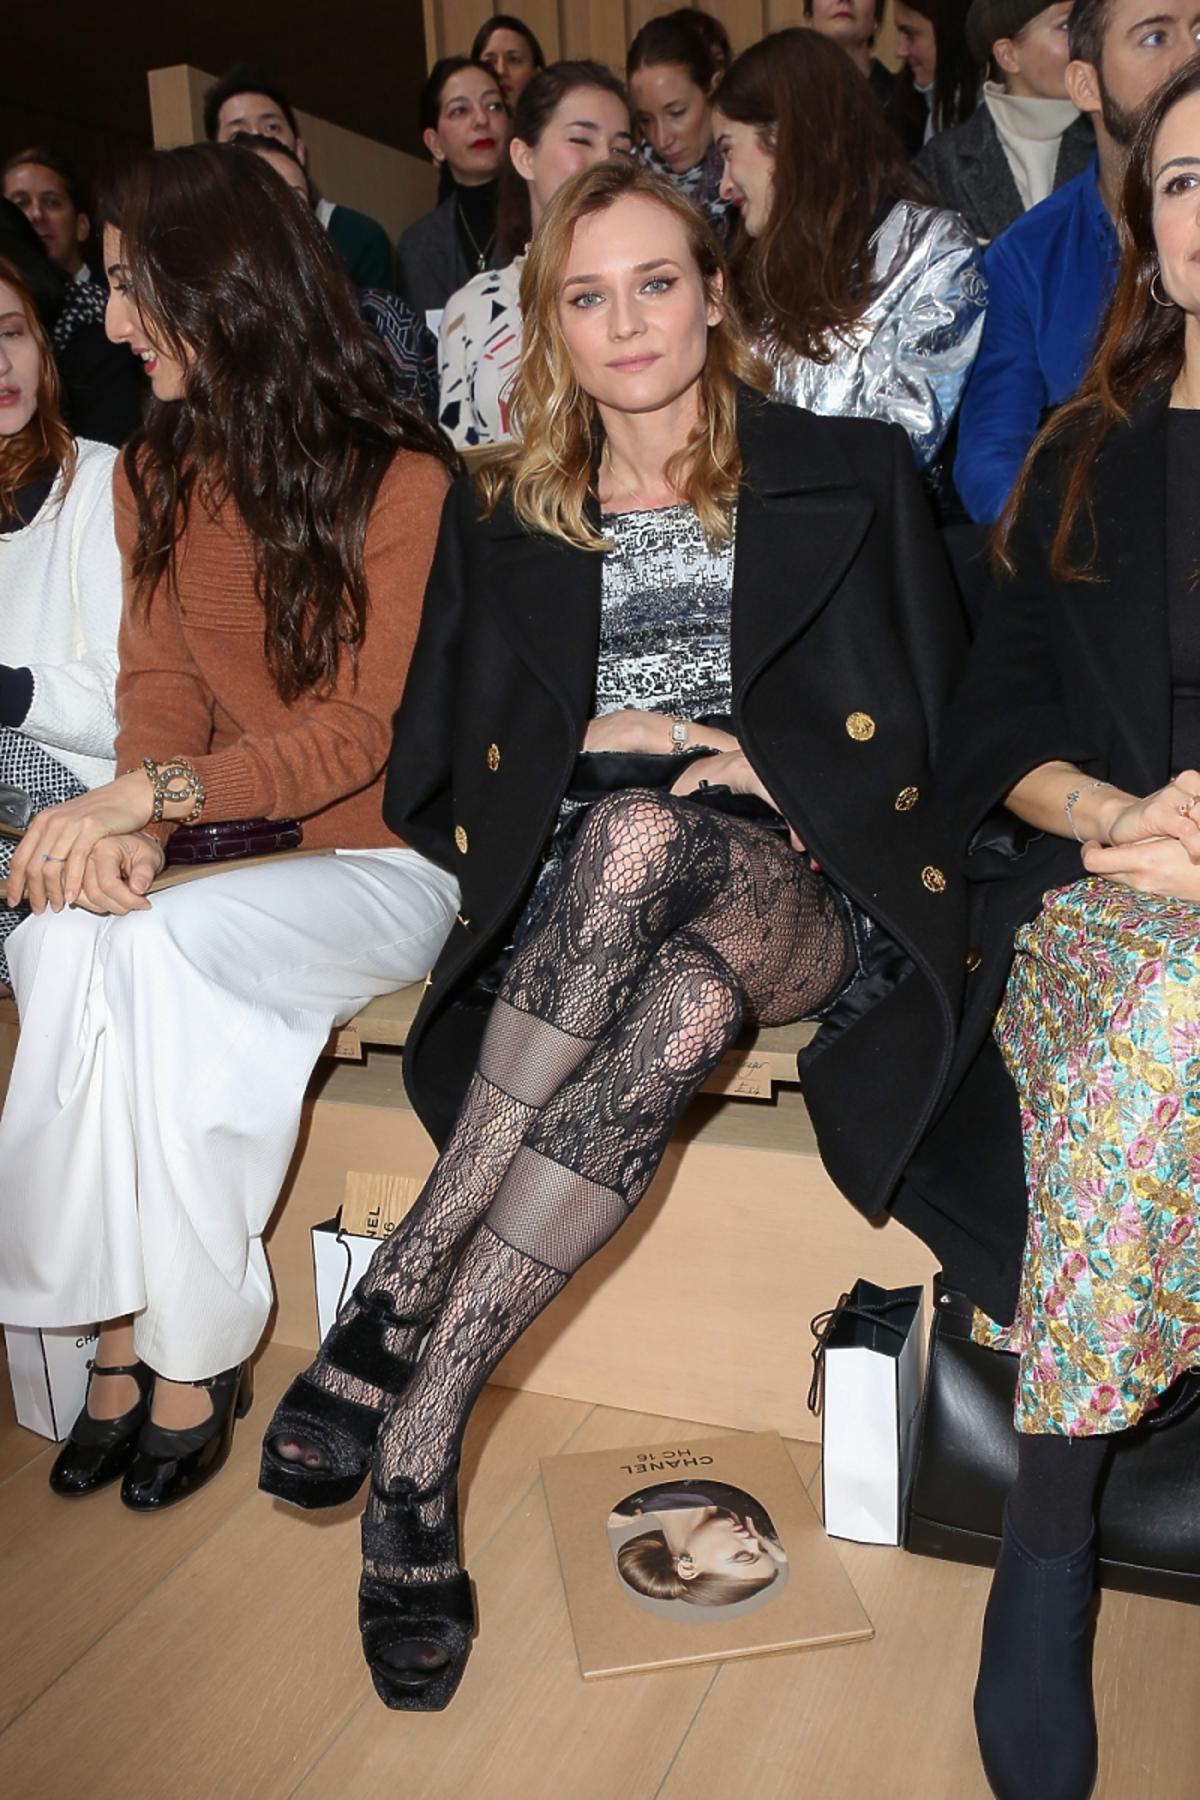 Diane Kruger siedzi na widowni ze skrzyżowanymi nogami w koronkowych rajstopach